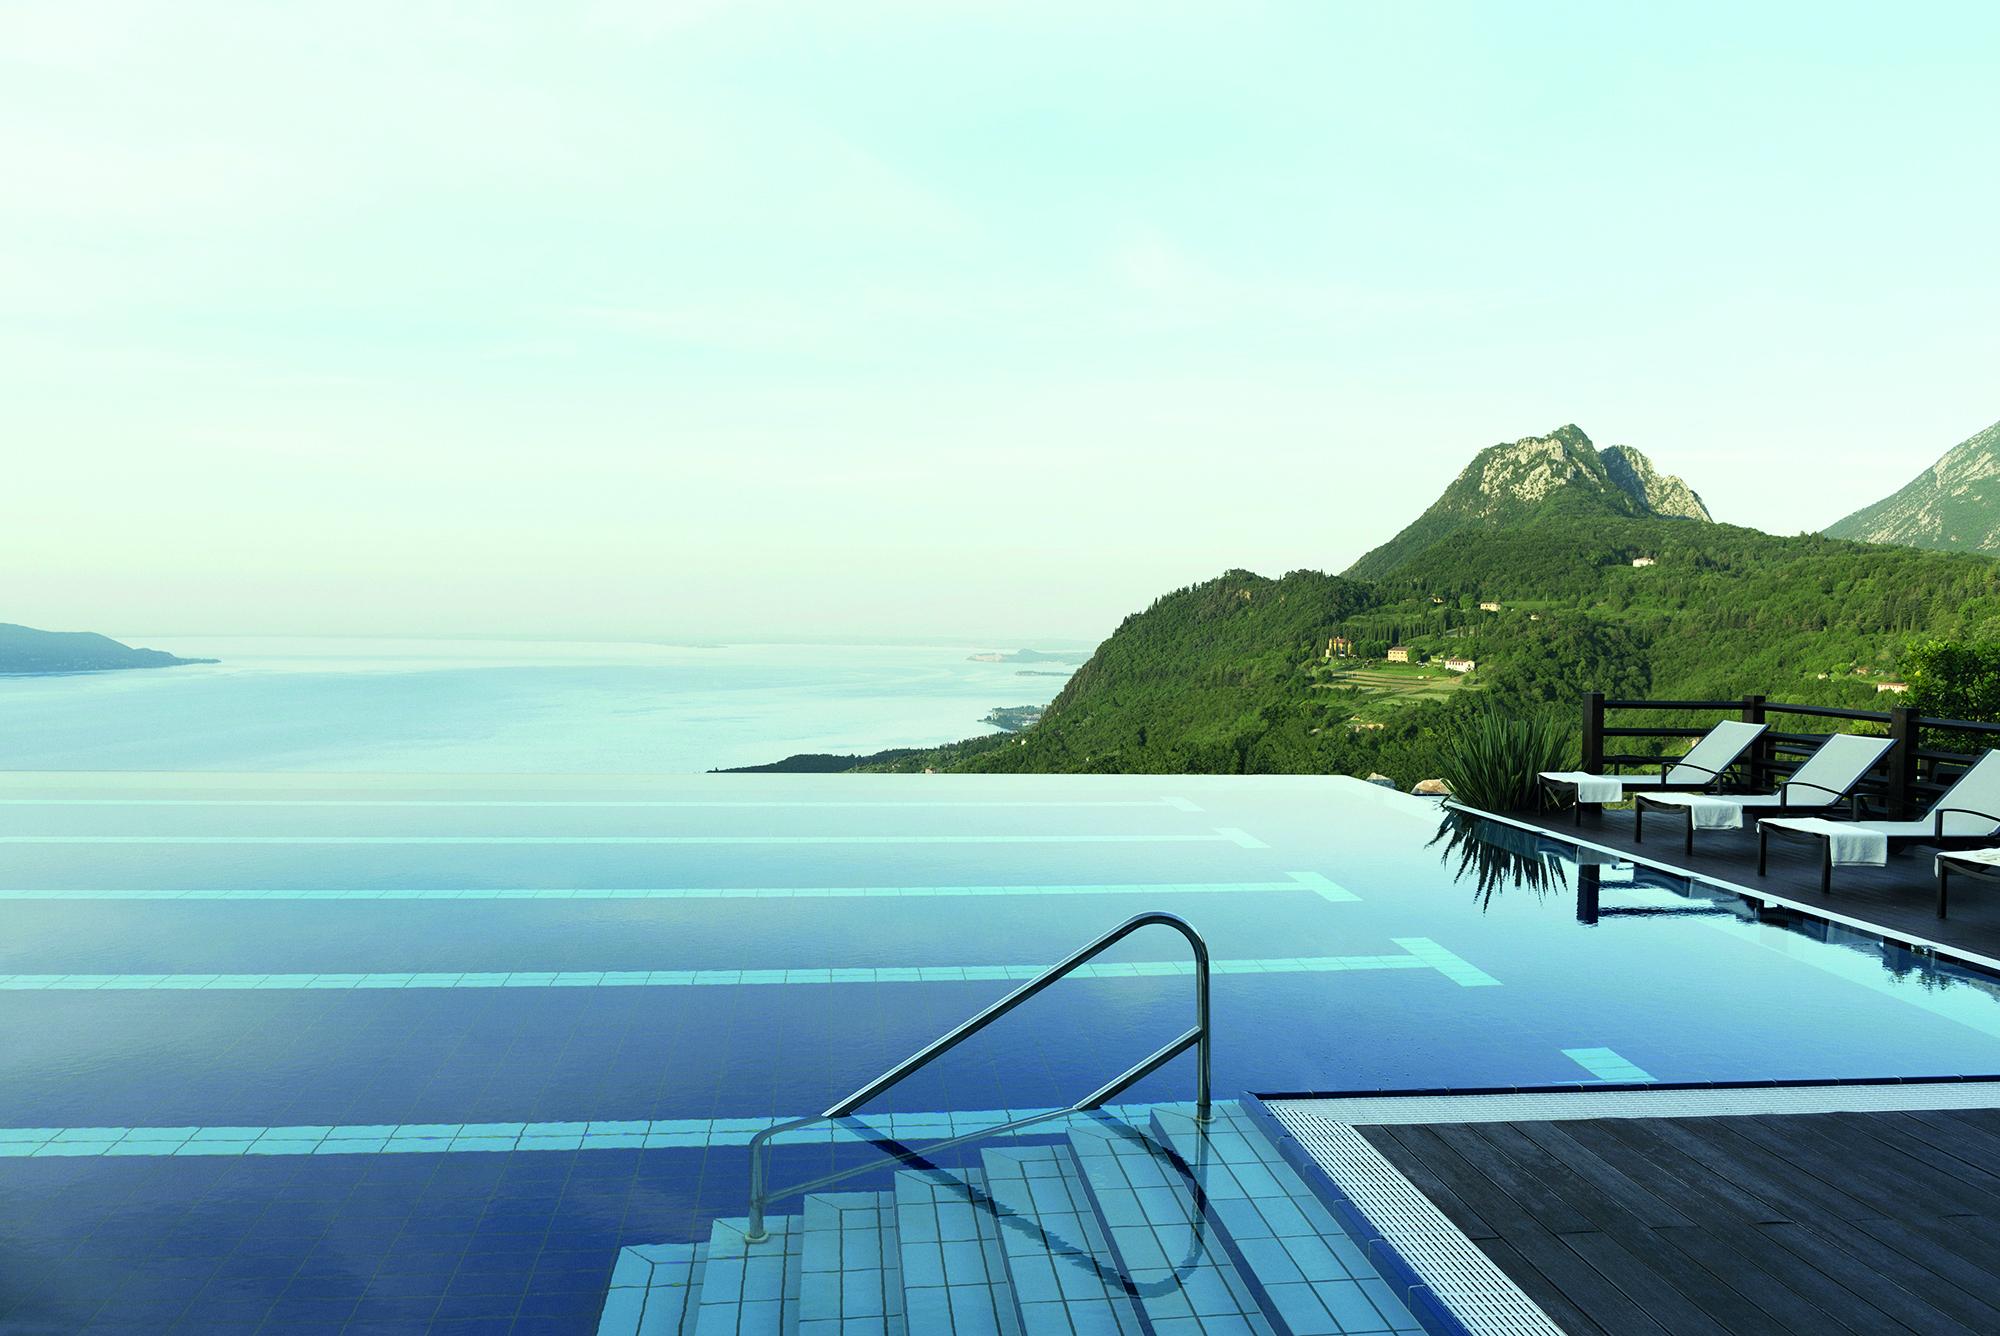 Migliori hotel italiani: Lefay Resort & SPA Lago di Garda tra le 100 Eccellenze Italiane per Forbes